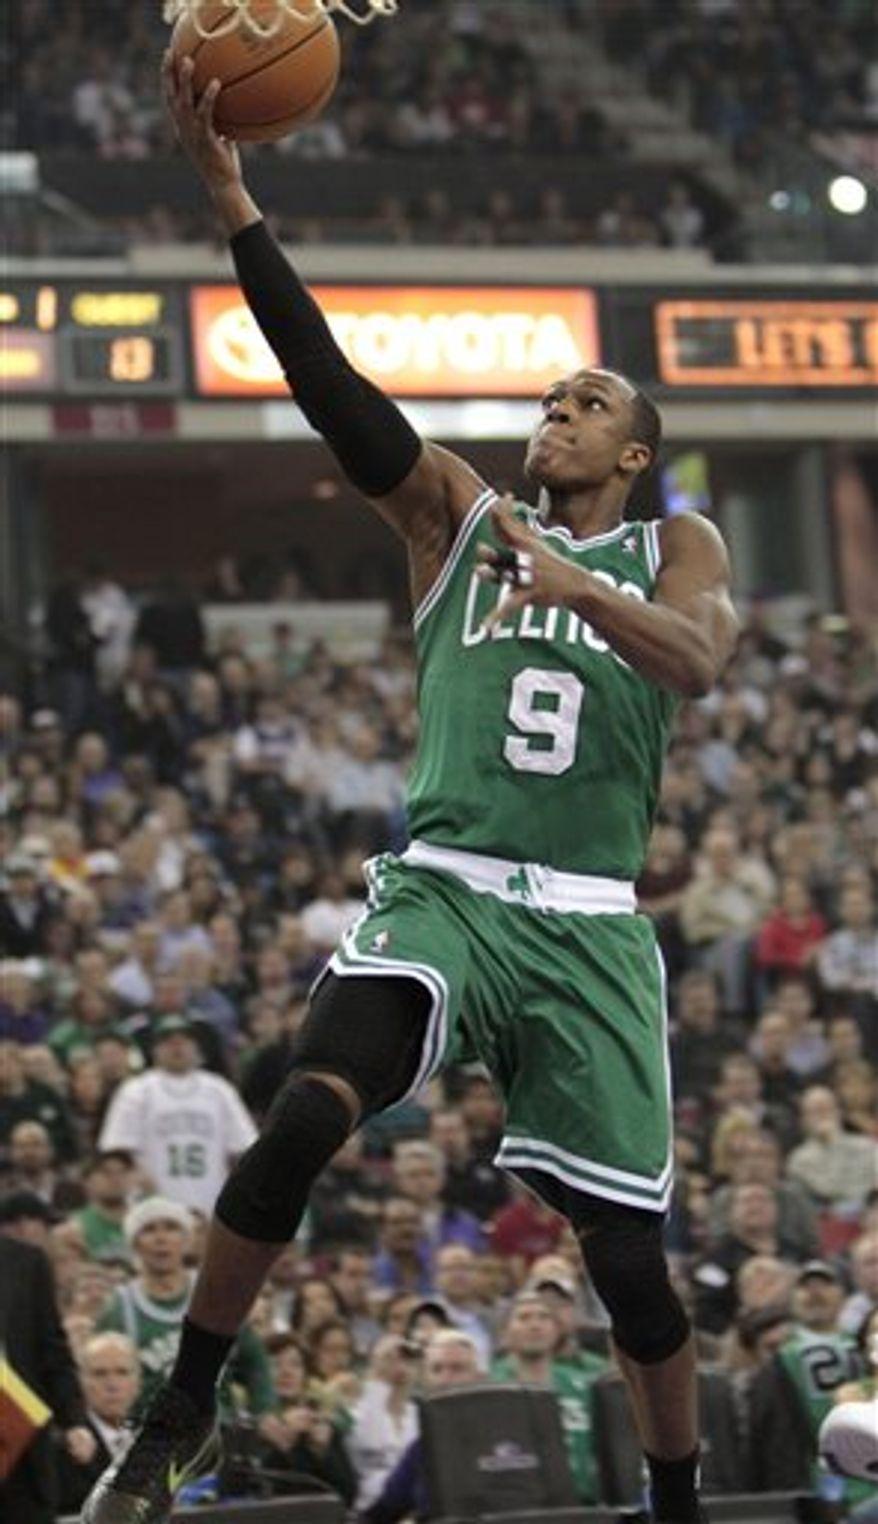 Boston Celtics guard Ray Allen shoots over Sacramento Kings guard Beno Udrih, left, of Slovenia, during the first quarter of an NBA basketball game in Sacramento, Calif., Tuesday, Feb. 1, 2011. (AP Photo/Rich Pedroncelli)